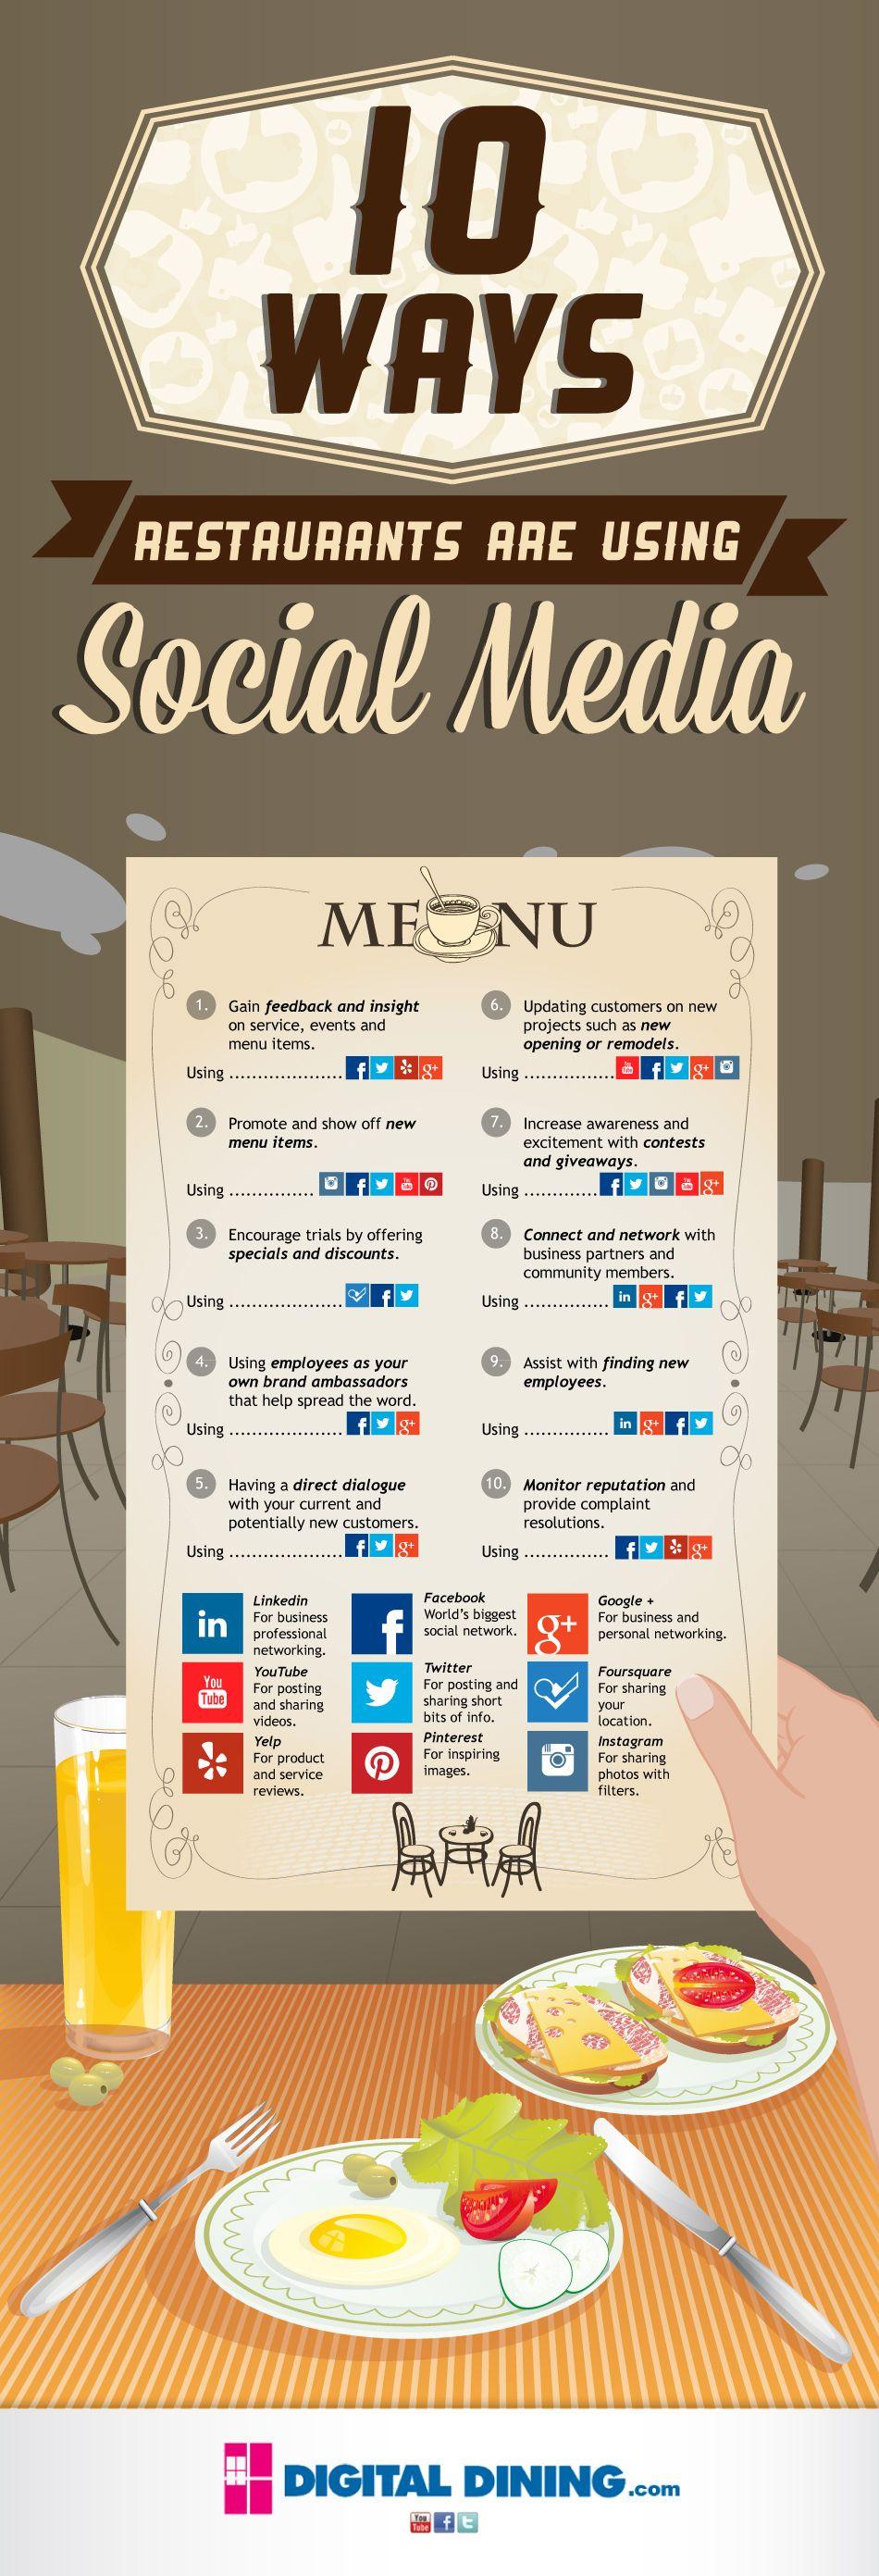 10 Ways Restaurants are using Social Media